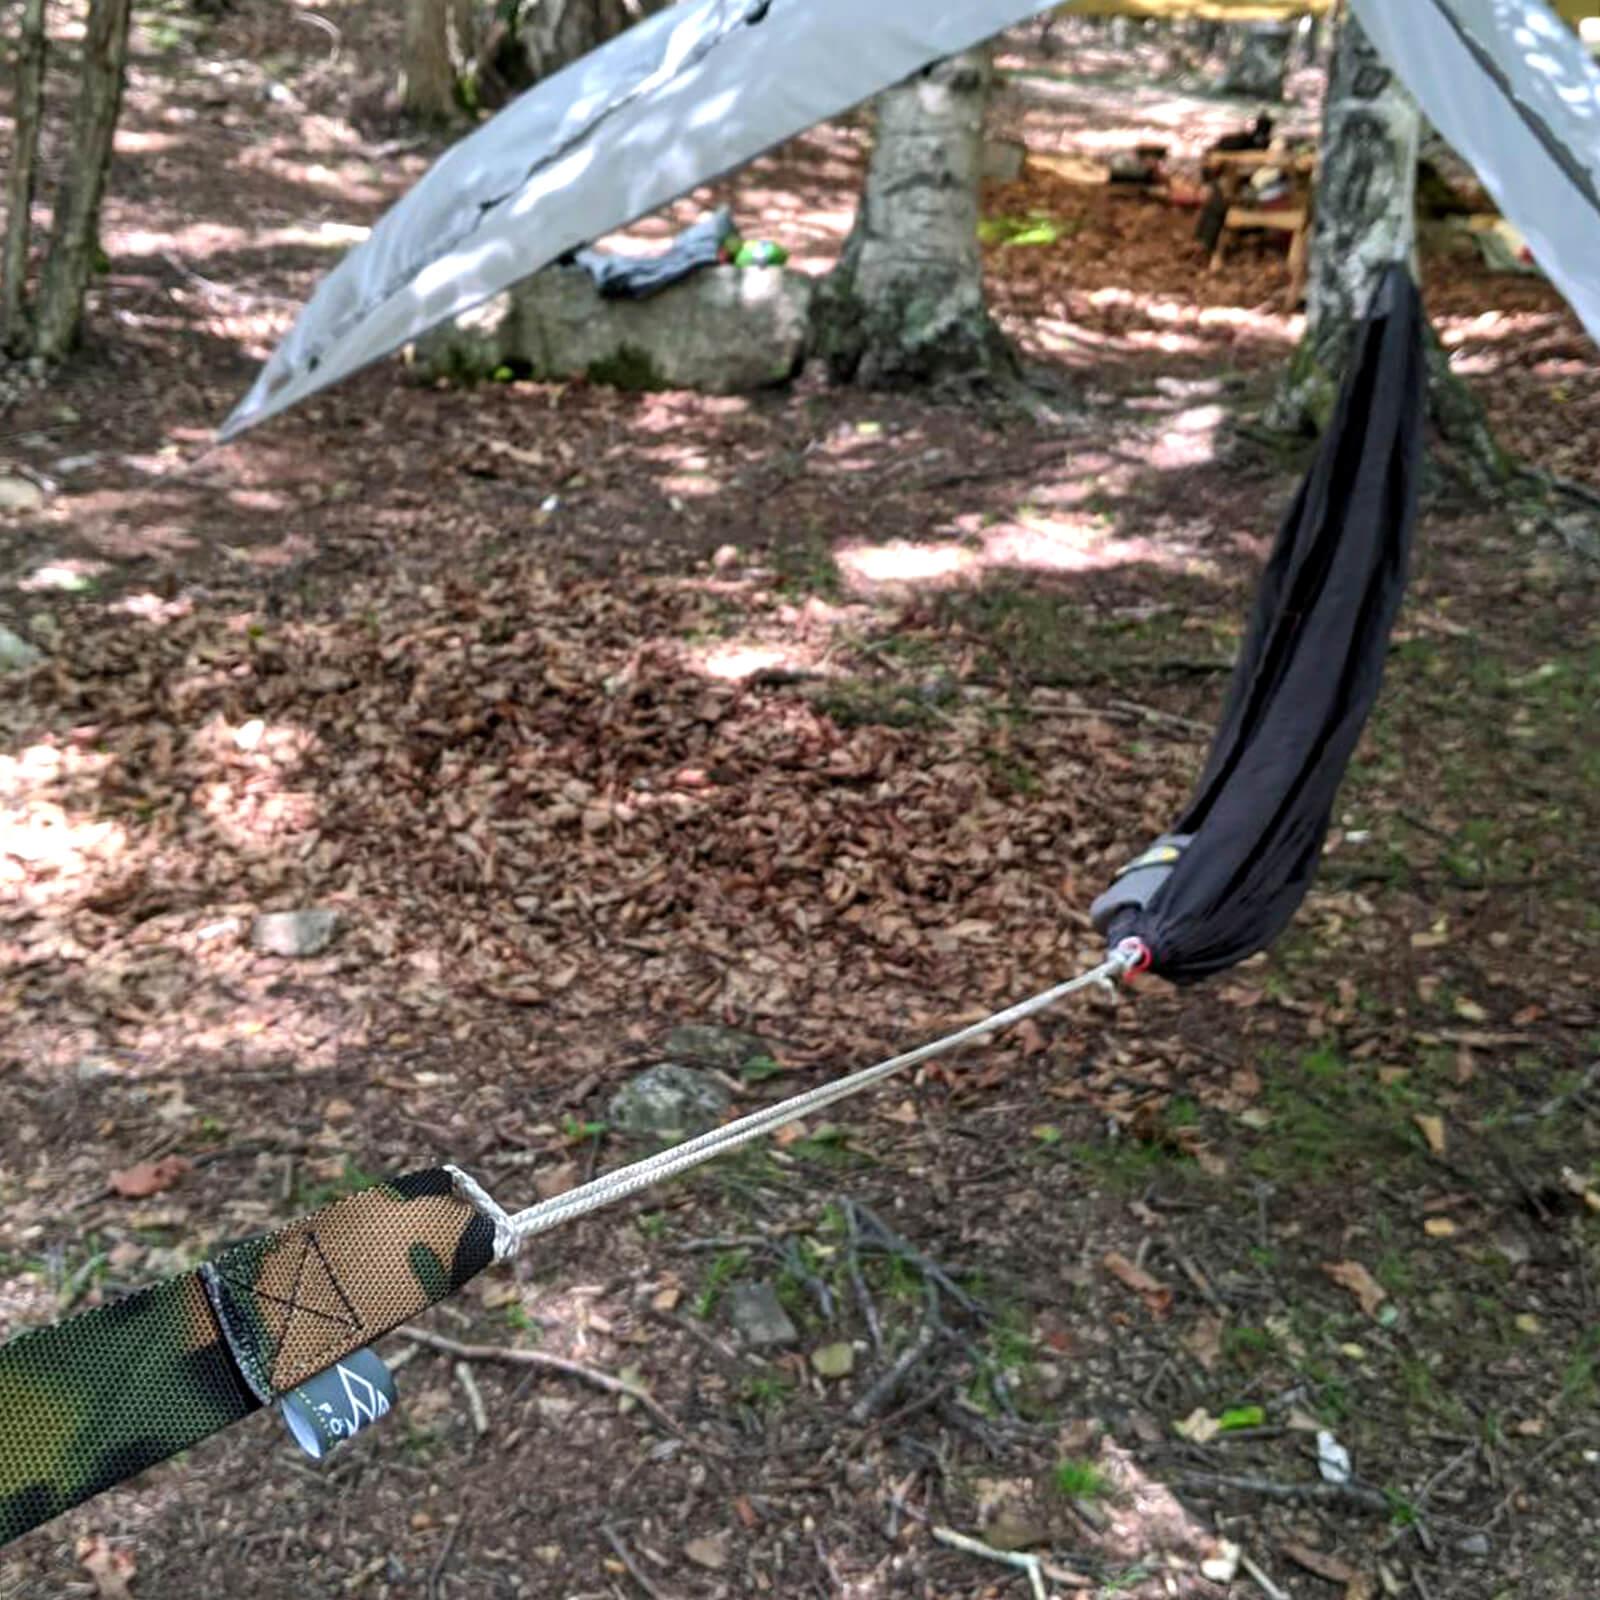 【送料無料】 TREE STRAPS for Hammocker [CAMO WEBBING] / ハンモック用 ツリーストラップ 迷彩ウェビング